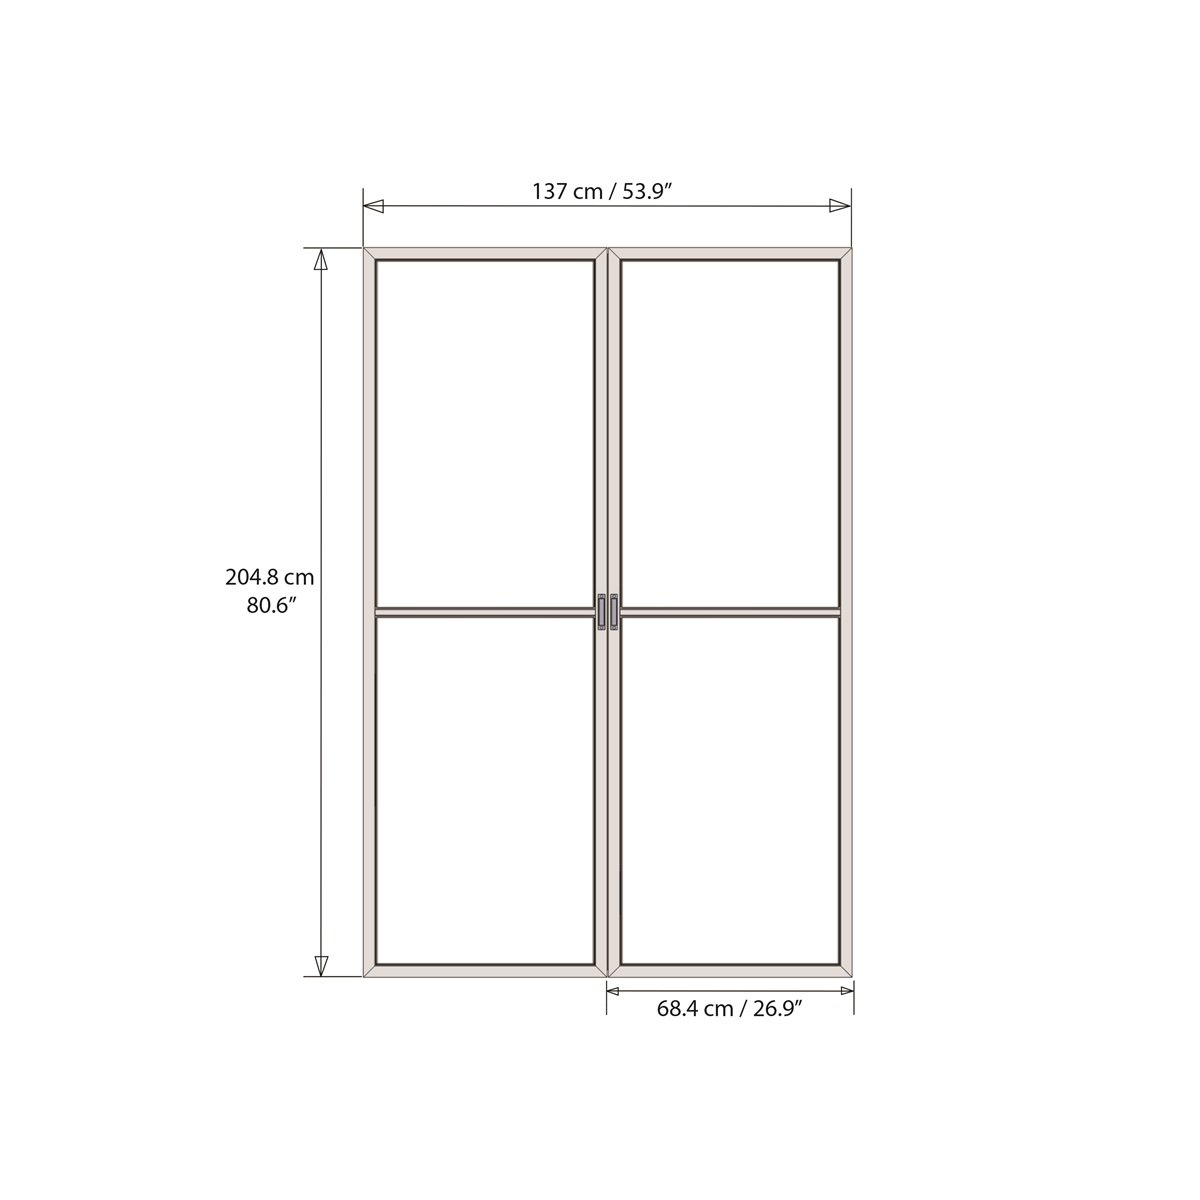 Palram Dveře s moskytiérou pro Torino 3 x 4,25 (šedé)